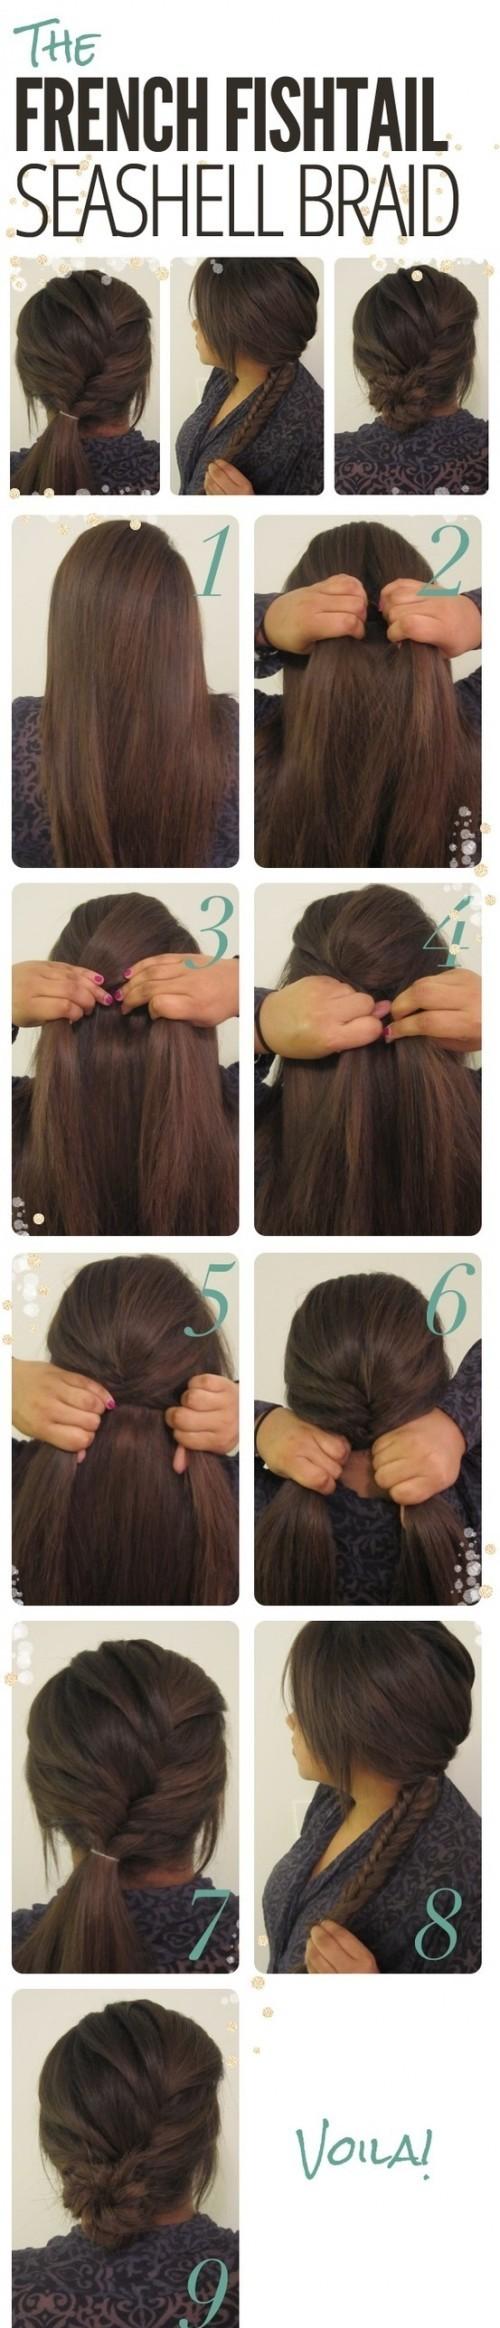 Причёска на редкие волосы своими руками пошаговая инструкция фото